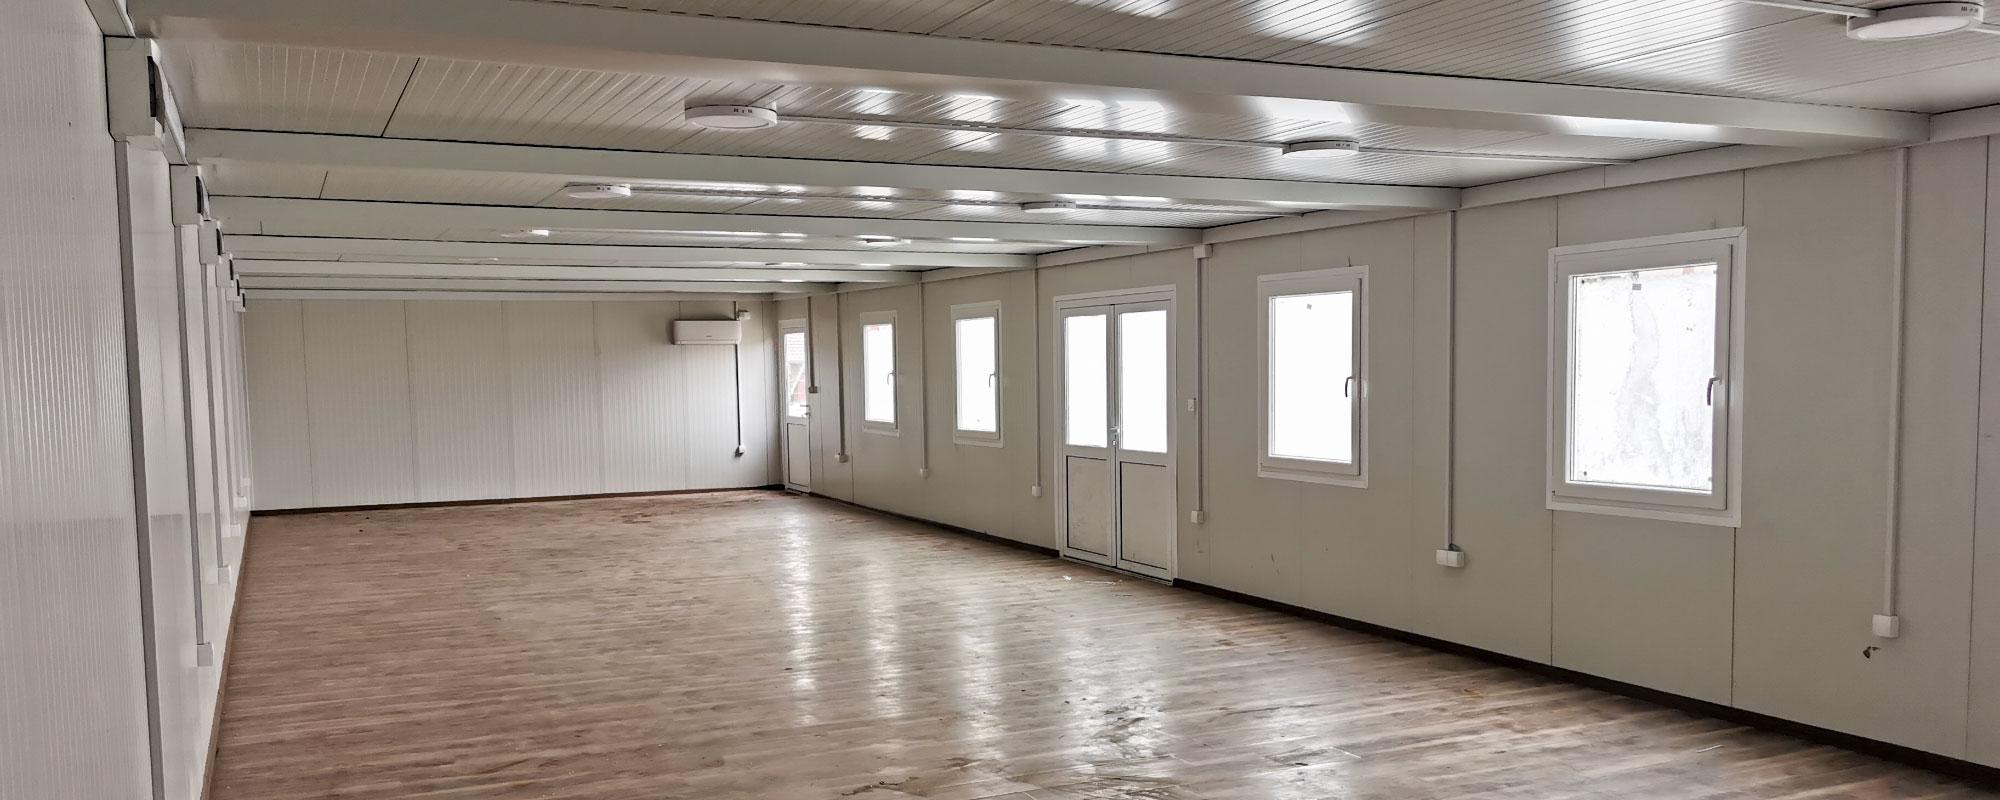 Varmus montažni građevinski kontejneri